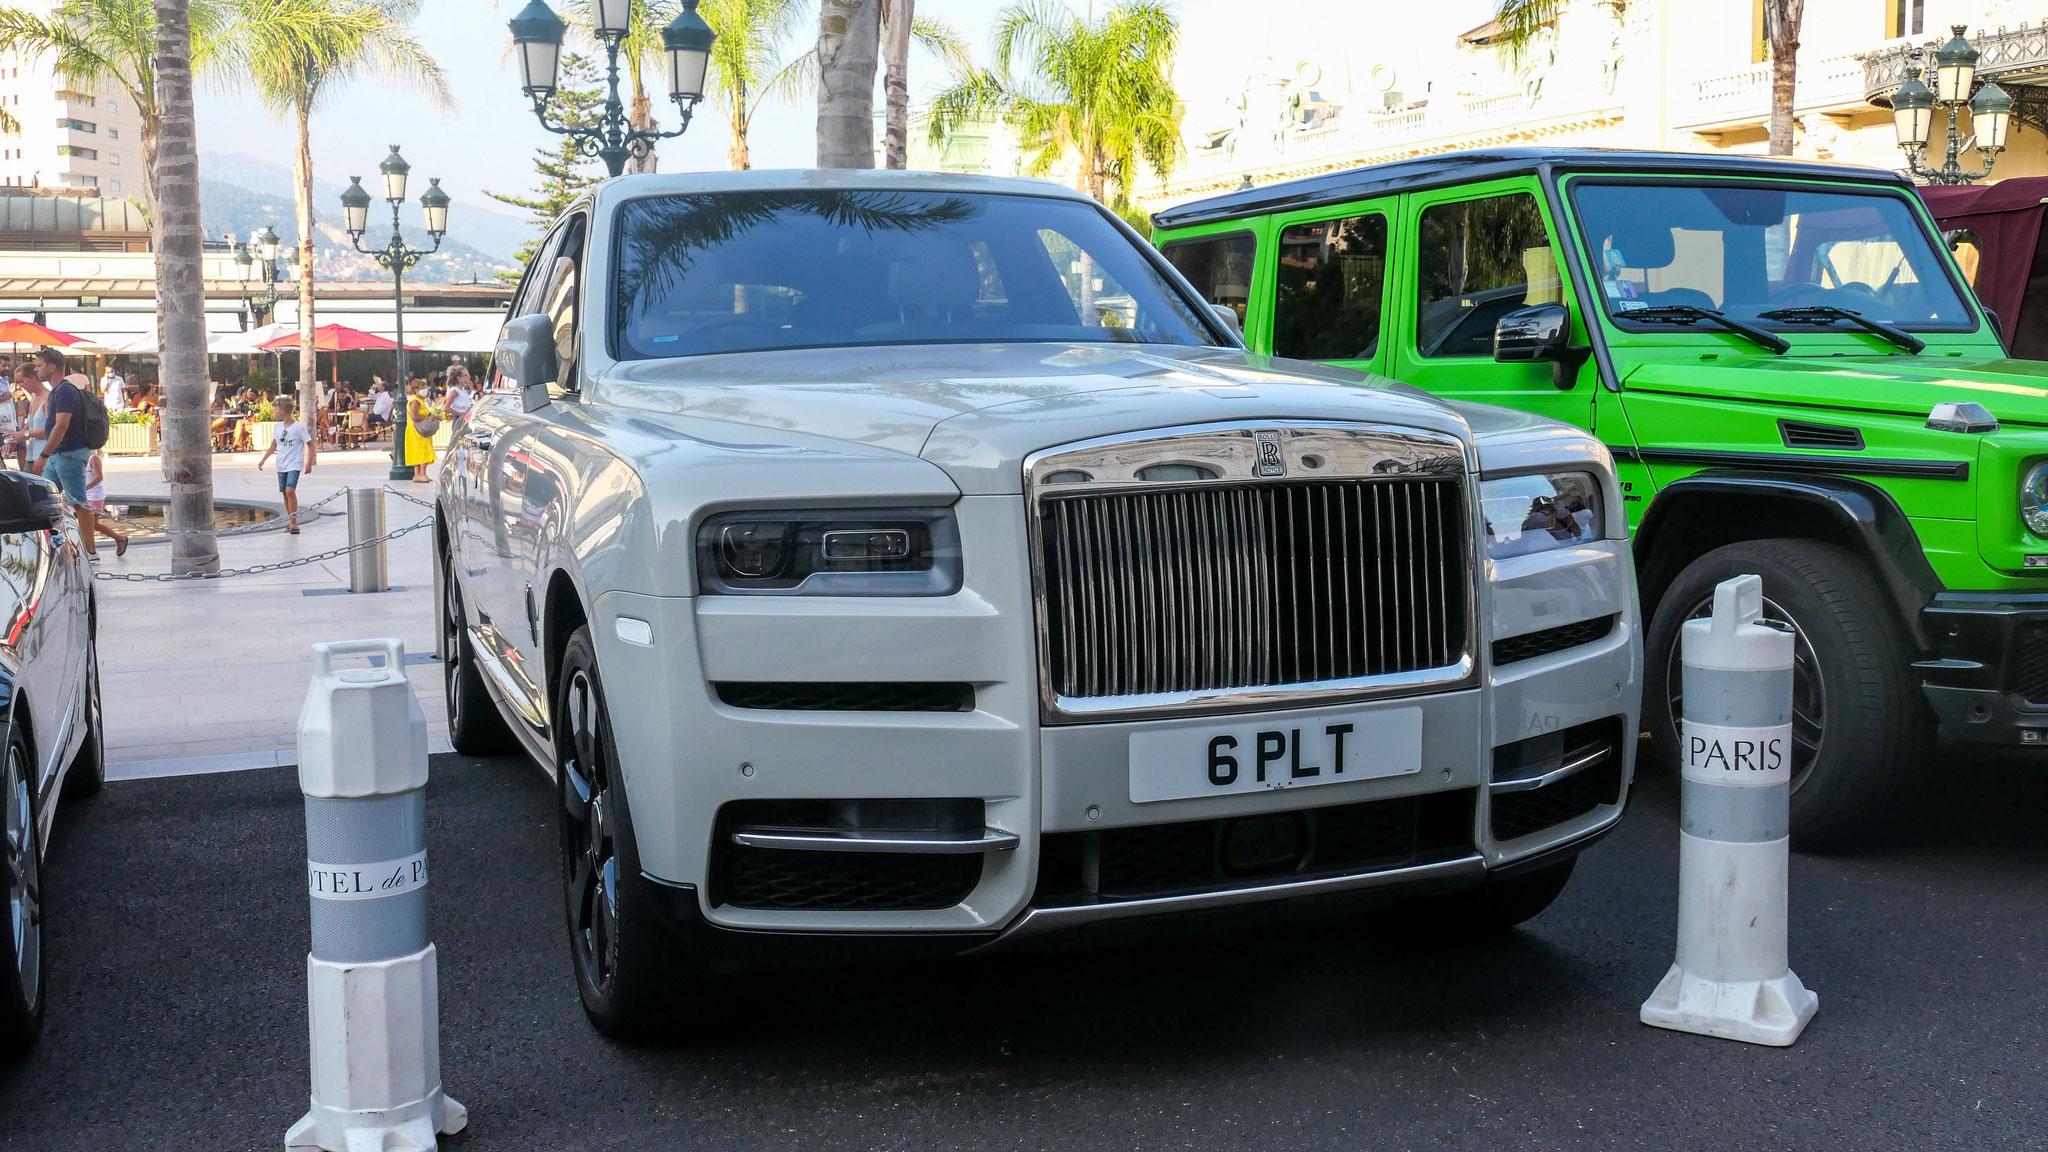 Rolls Royce Cullinan - 6-PLT (GB)